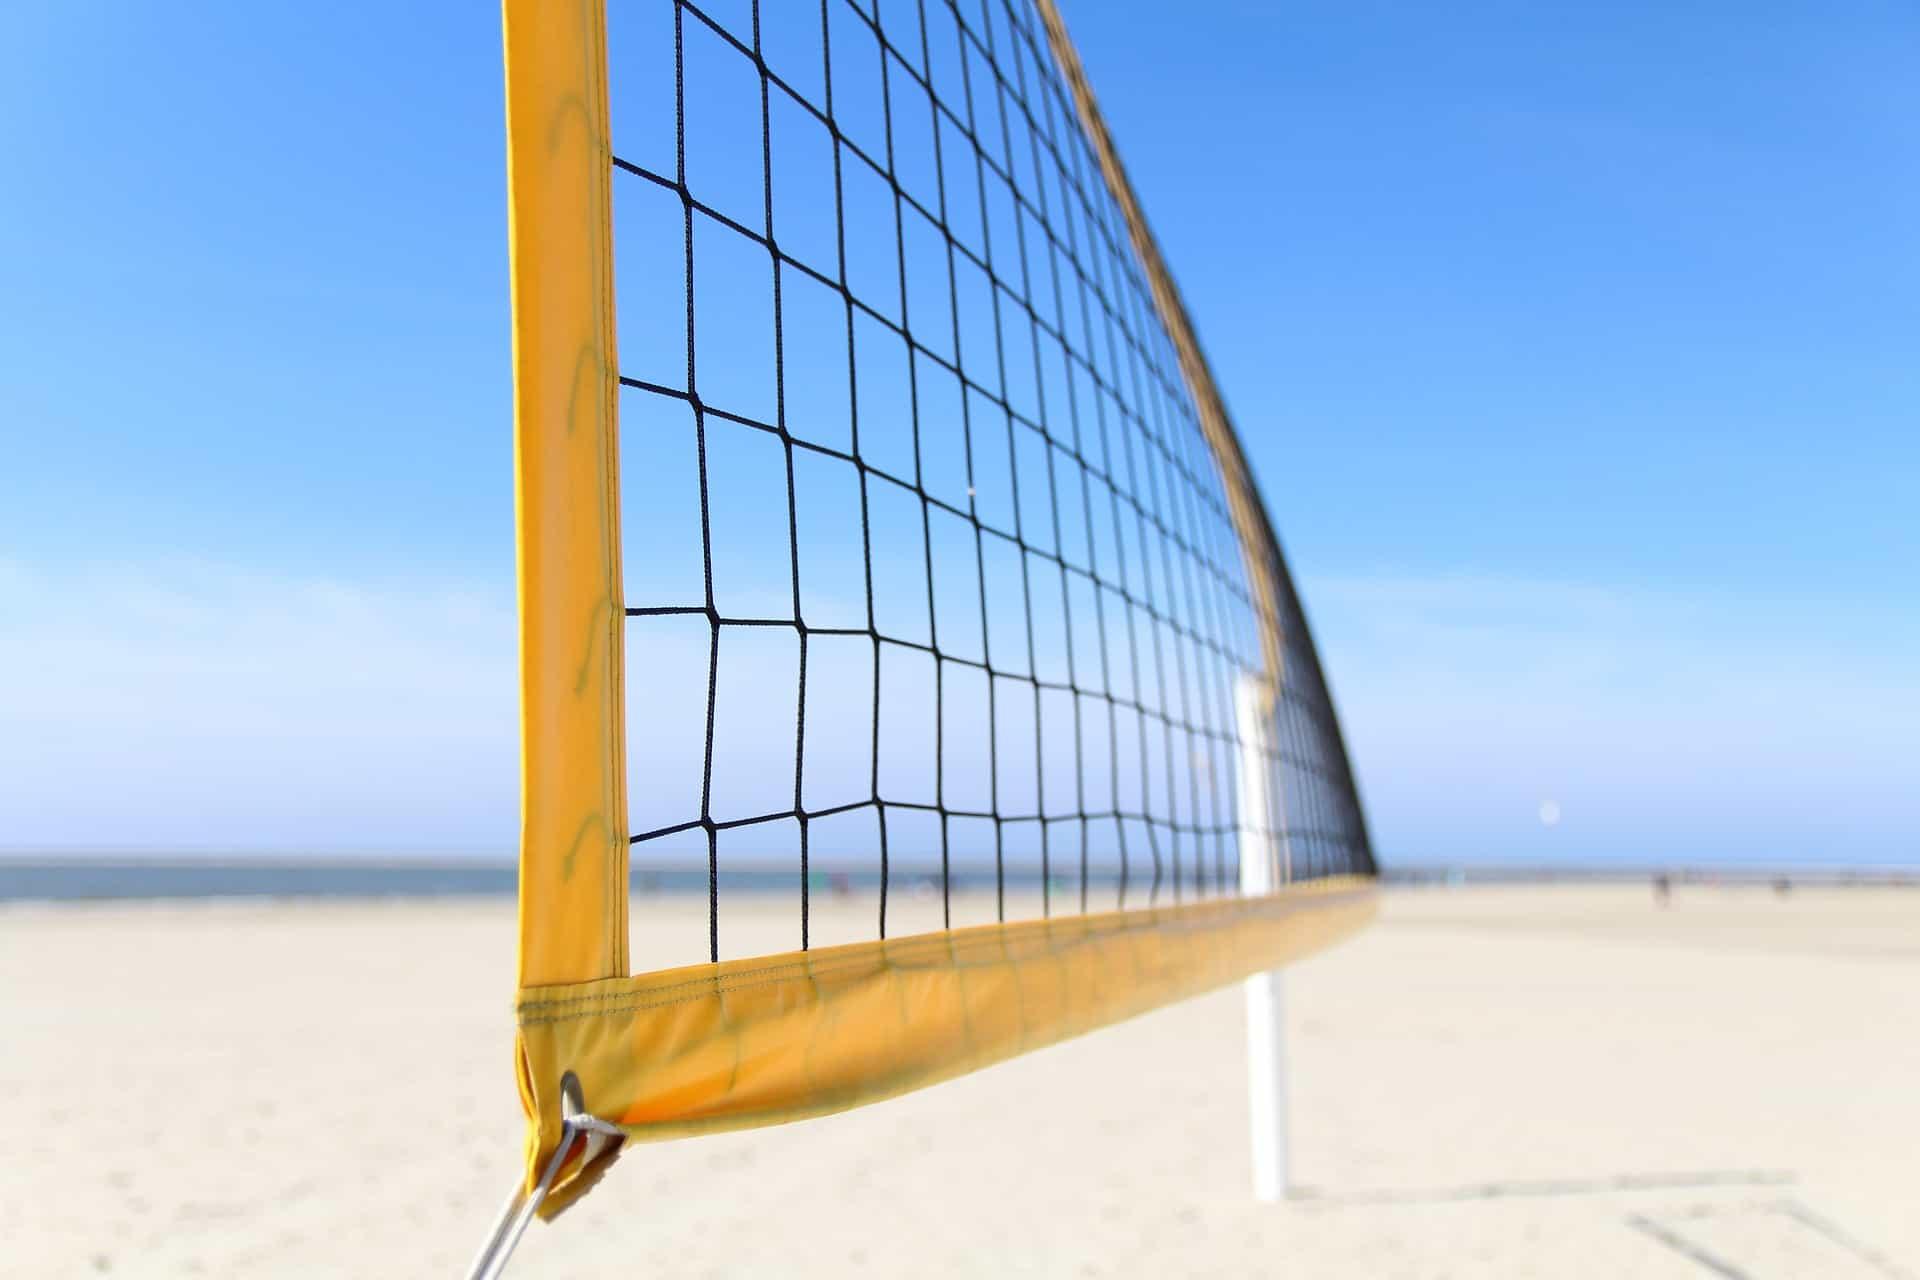 Beachvolleyballnetz am Strand mit blauem Himmel.